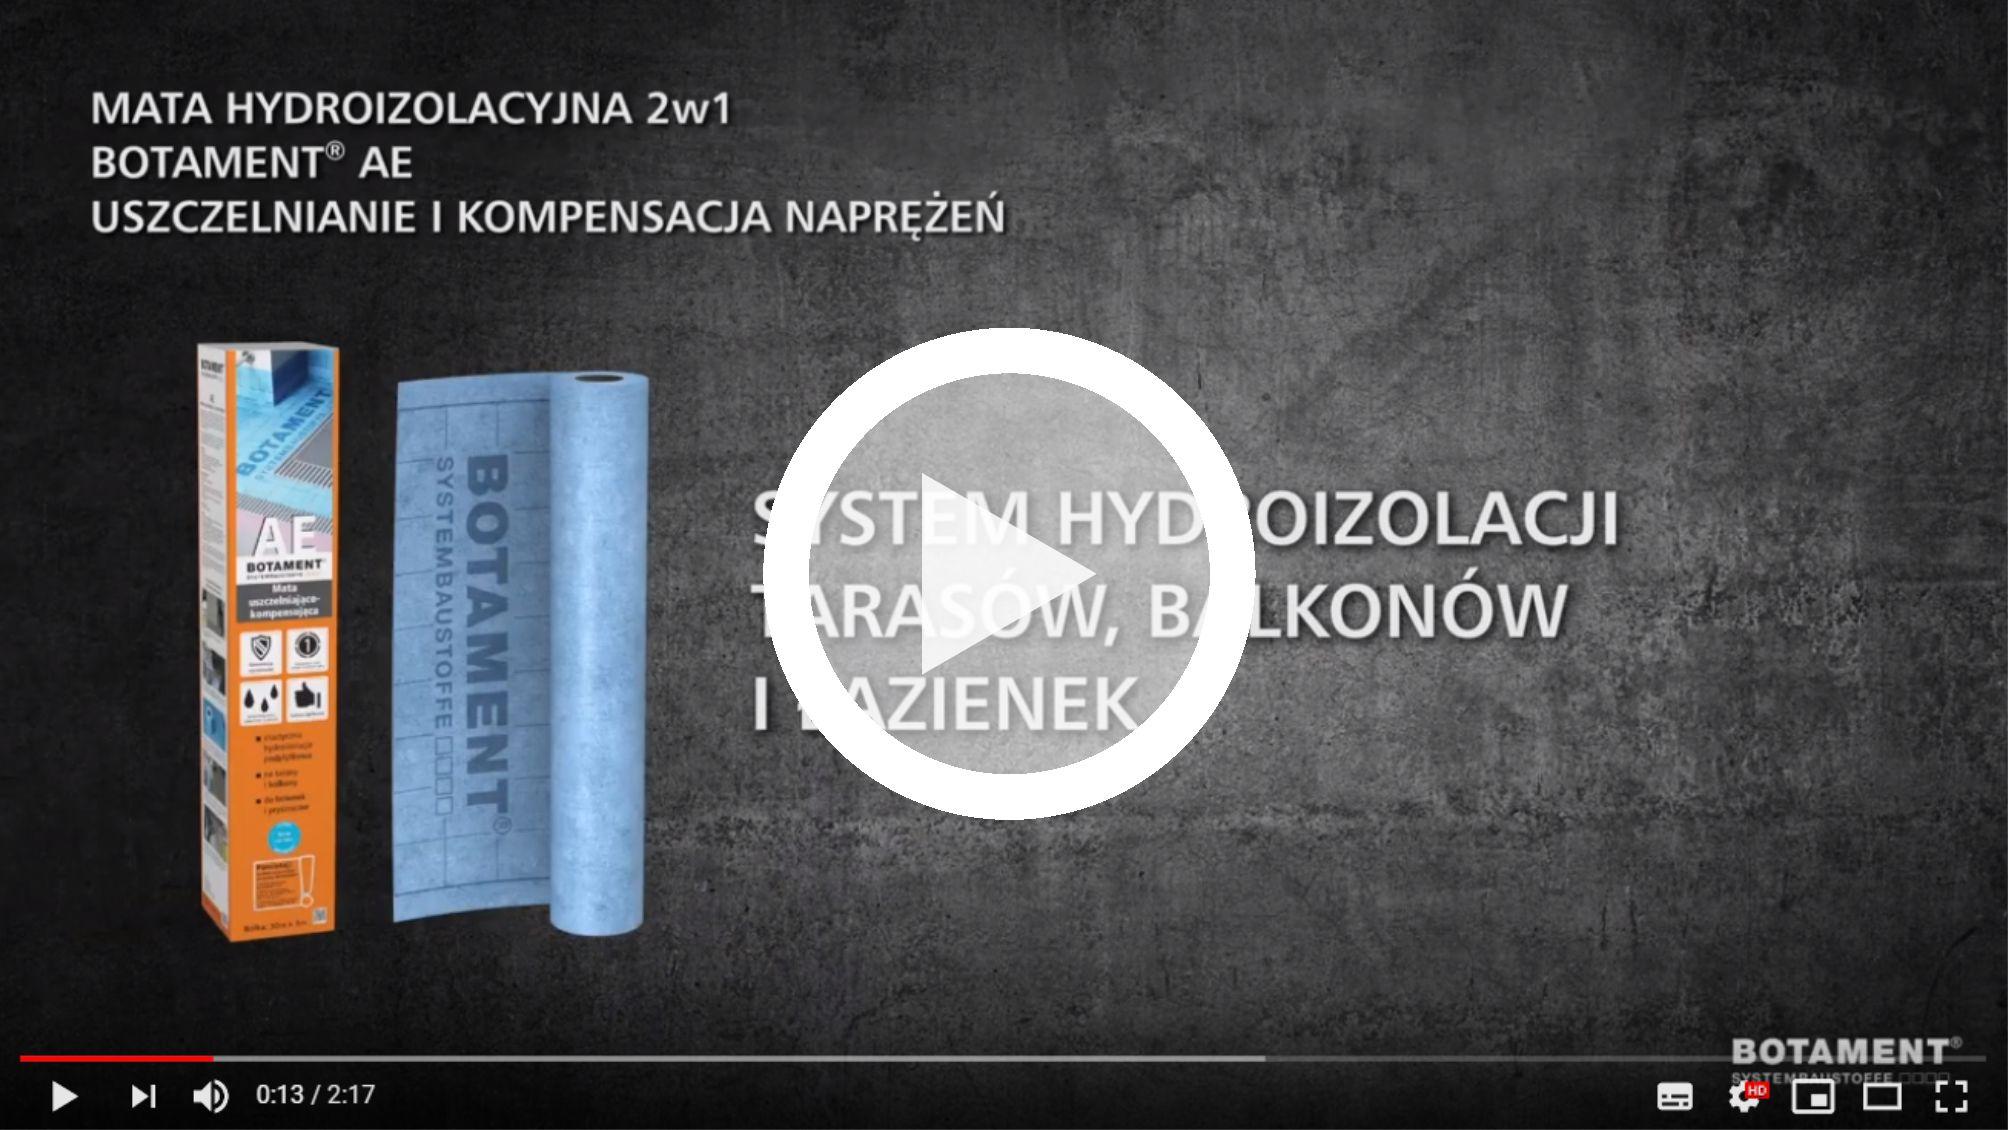 botament-ae-hydroizolacja-2w1